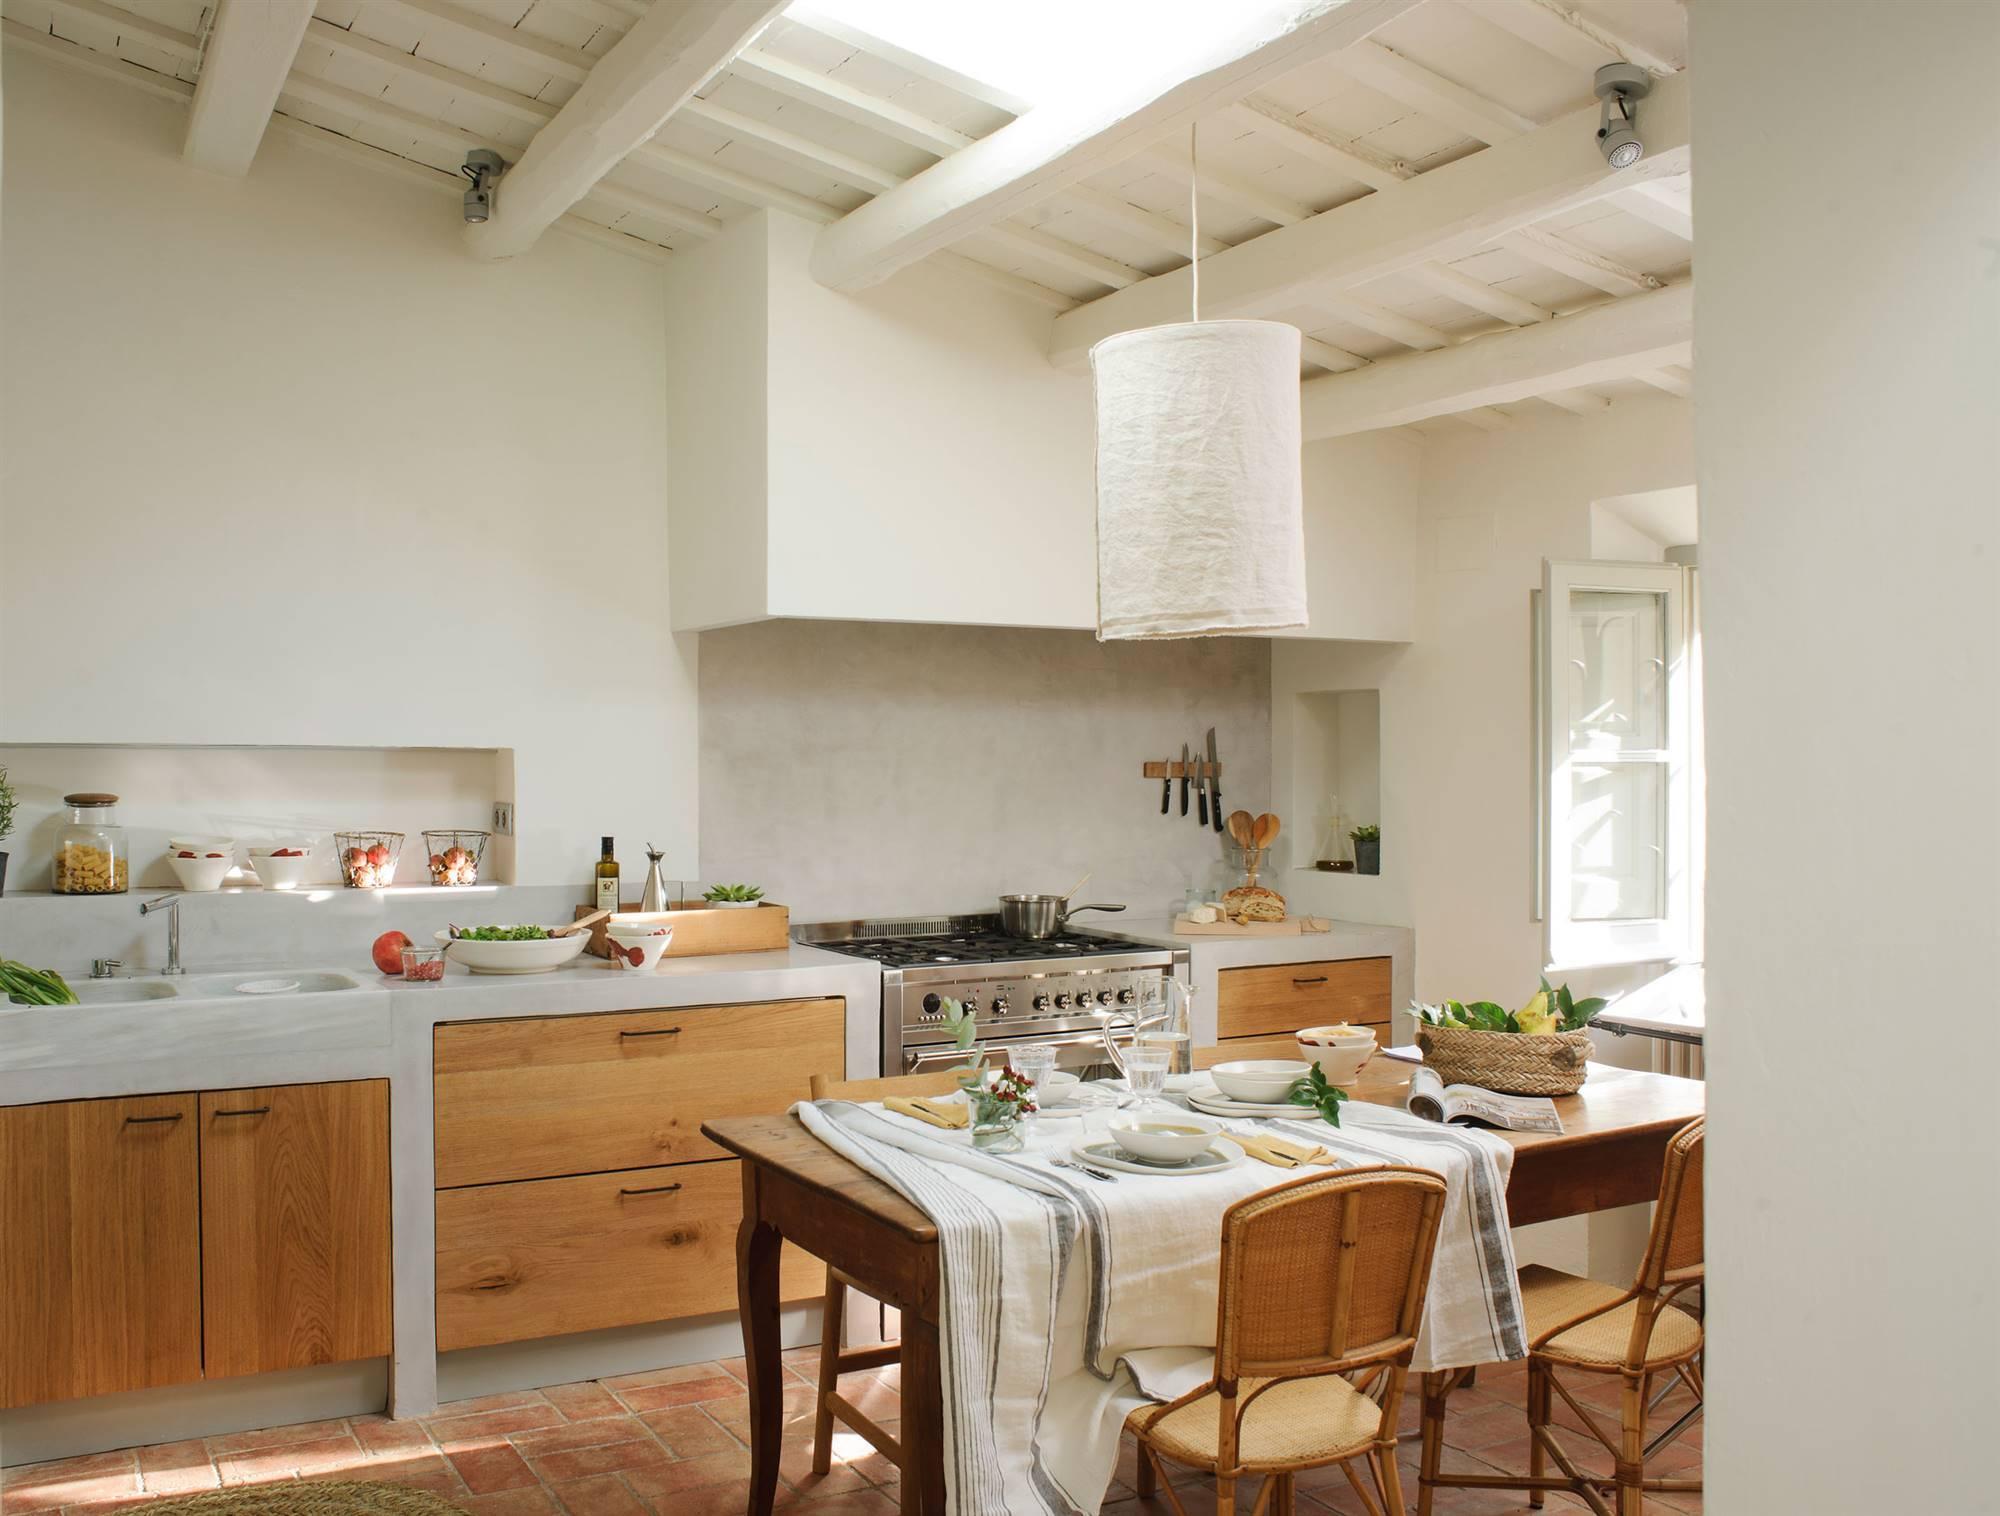 Muebles De Madera Rusticos Para Cocina | Muebles De Madera Rusticos ...